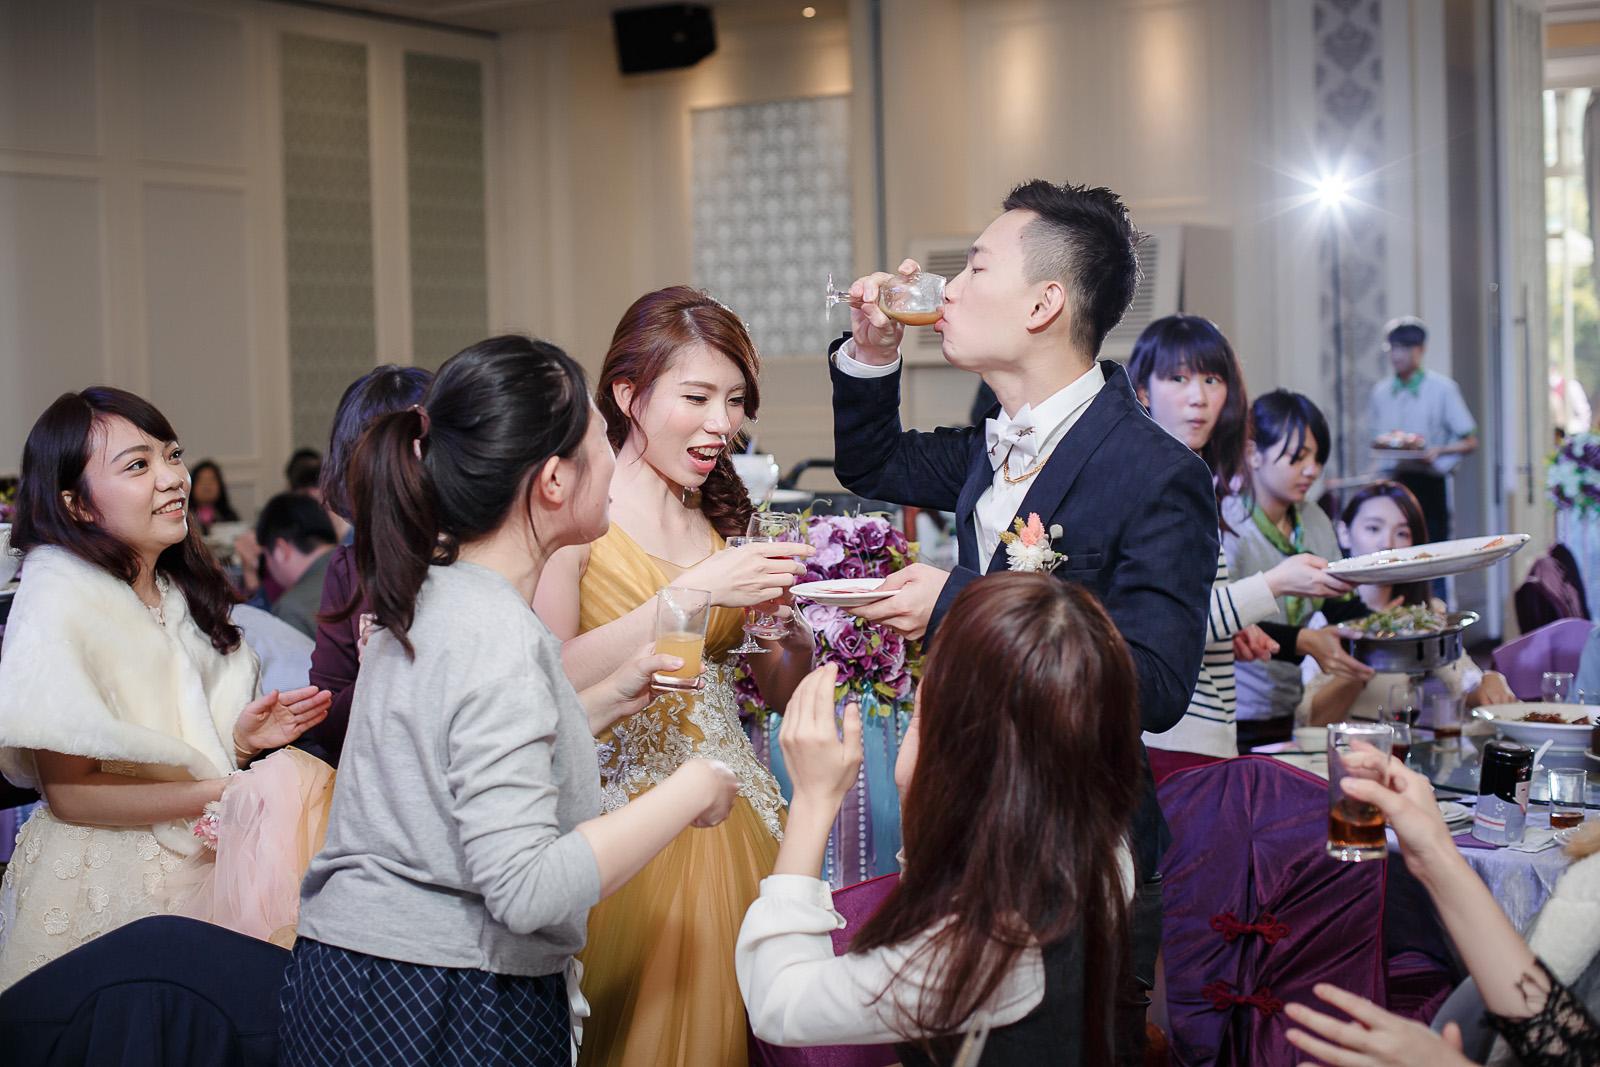 高雄圓山飯店,婚禮攝影,婚攝,高雄婚攝,優質婚攝推薦,Jen&Ethan-317